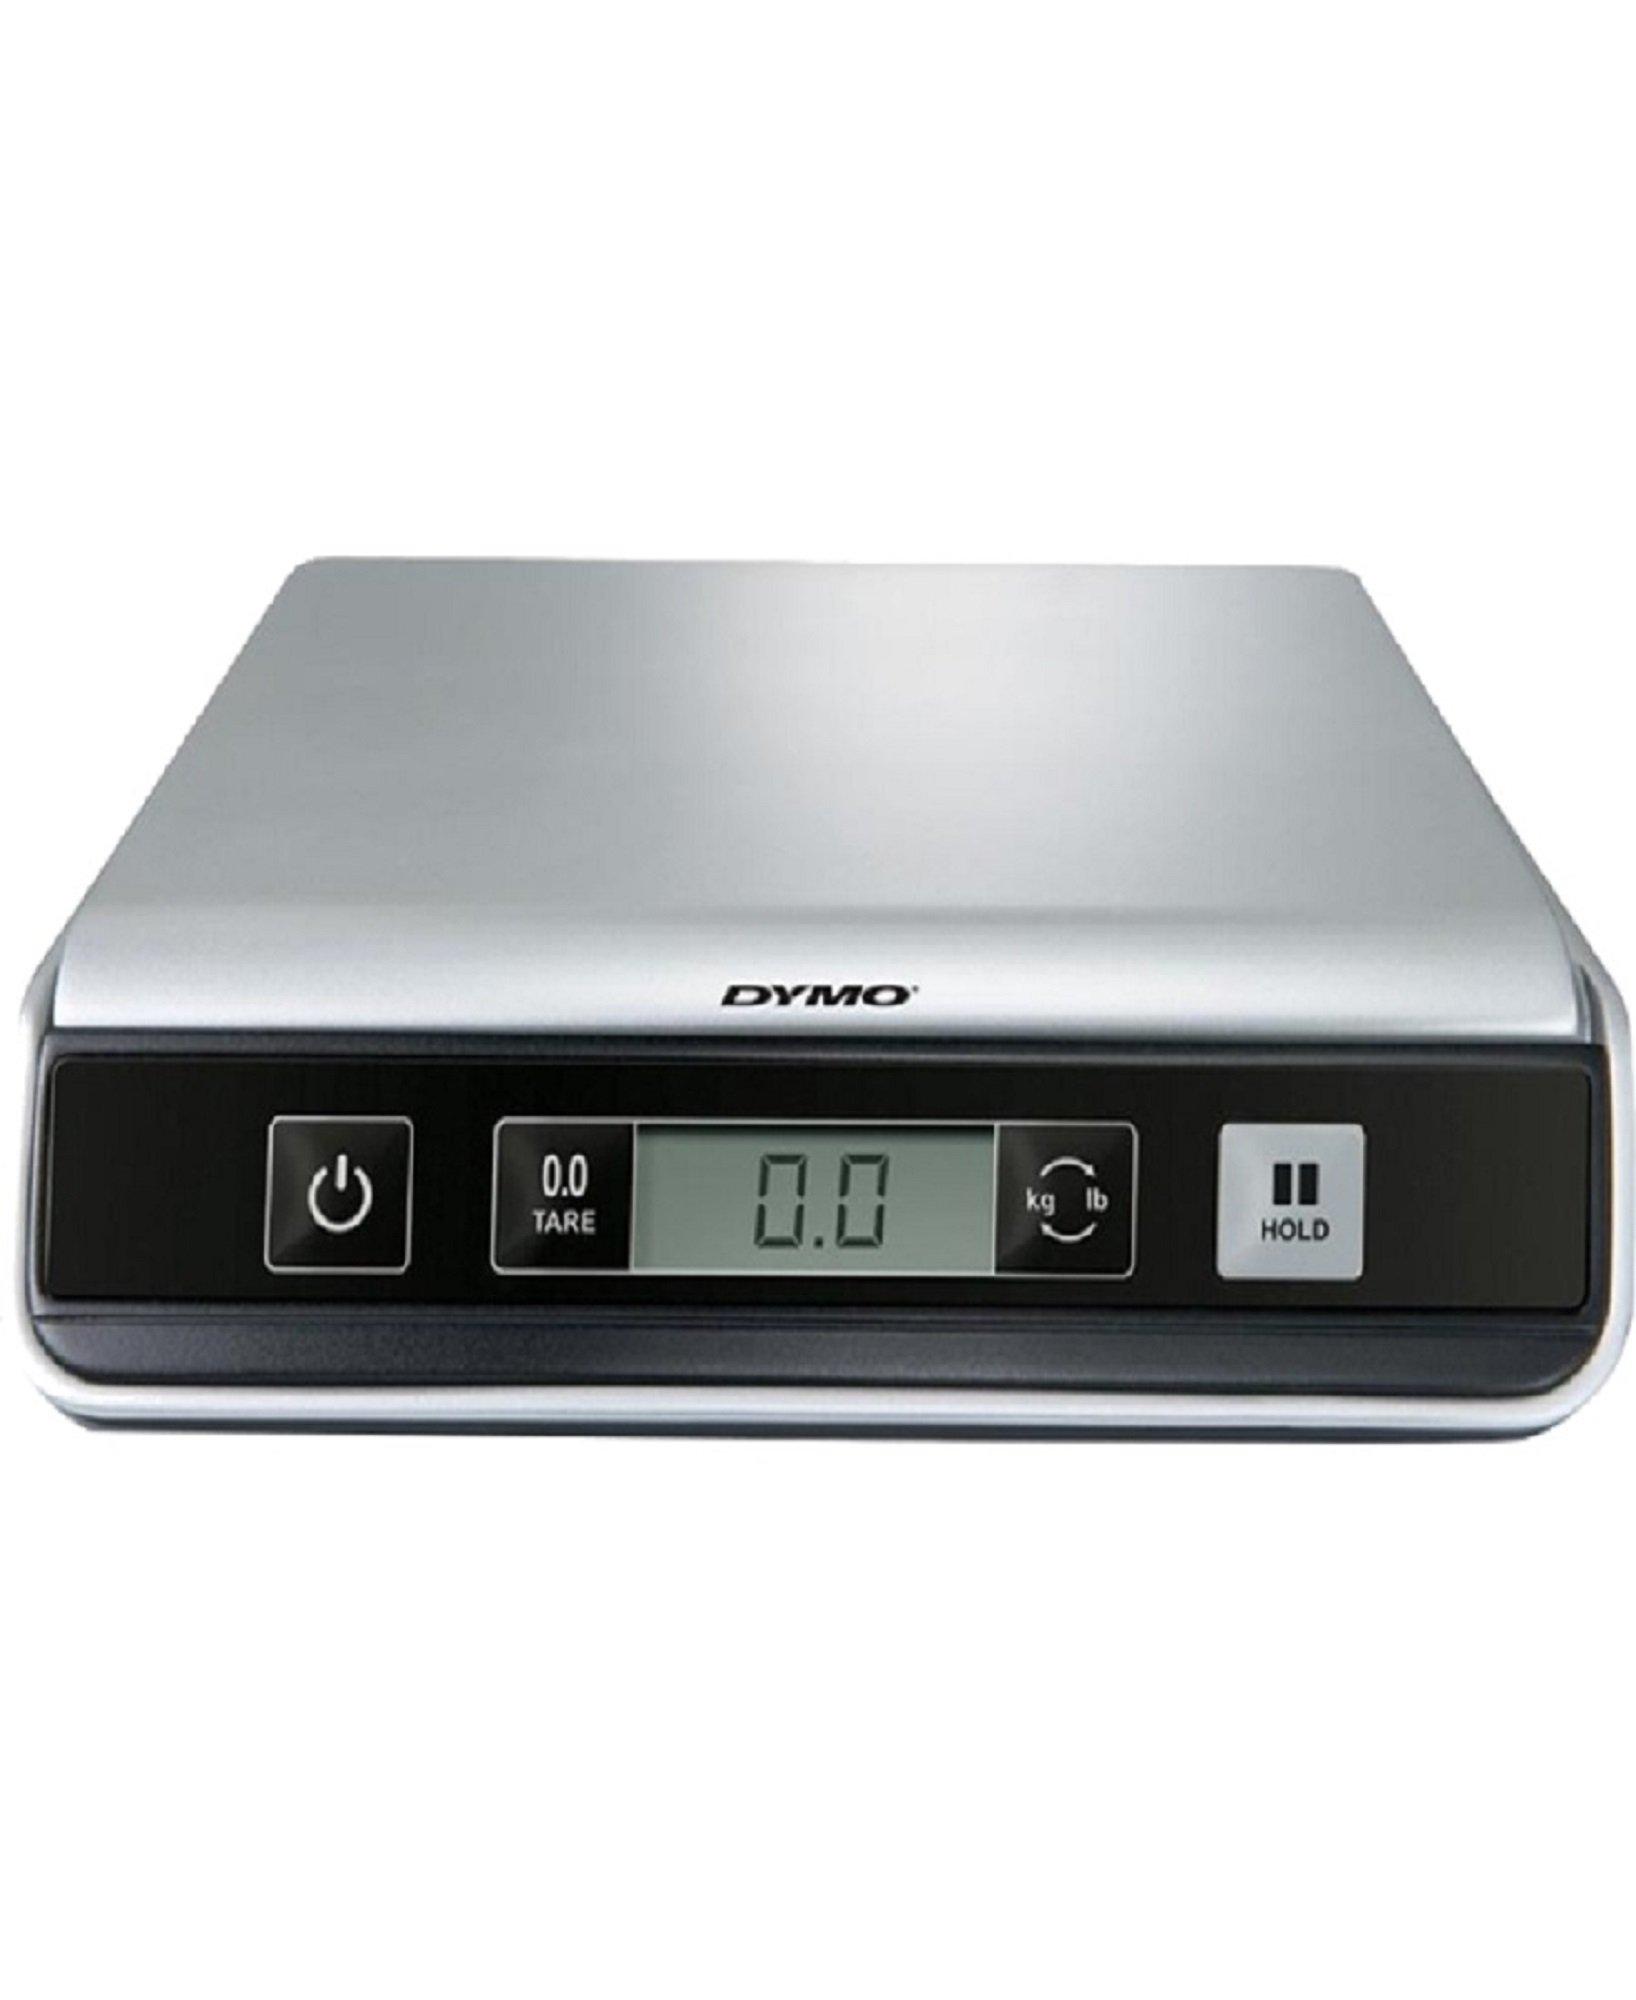 DYMO M25 25LB DIGITAL USB SCALE (Black)